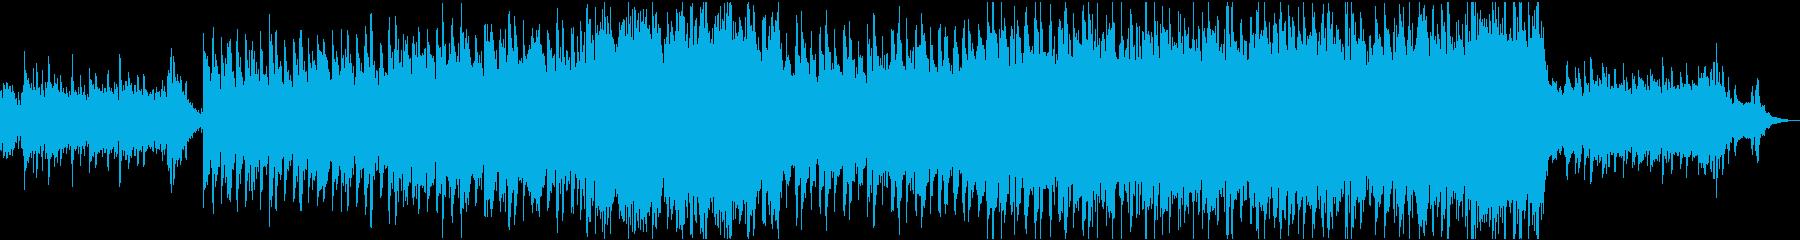 現代的 交響曲 ドラマチック 感情...の再生済みの波形